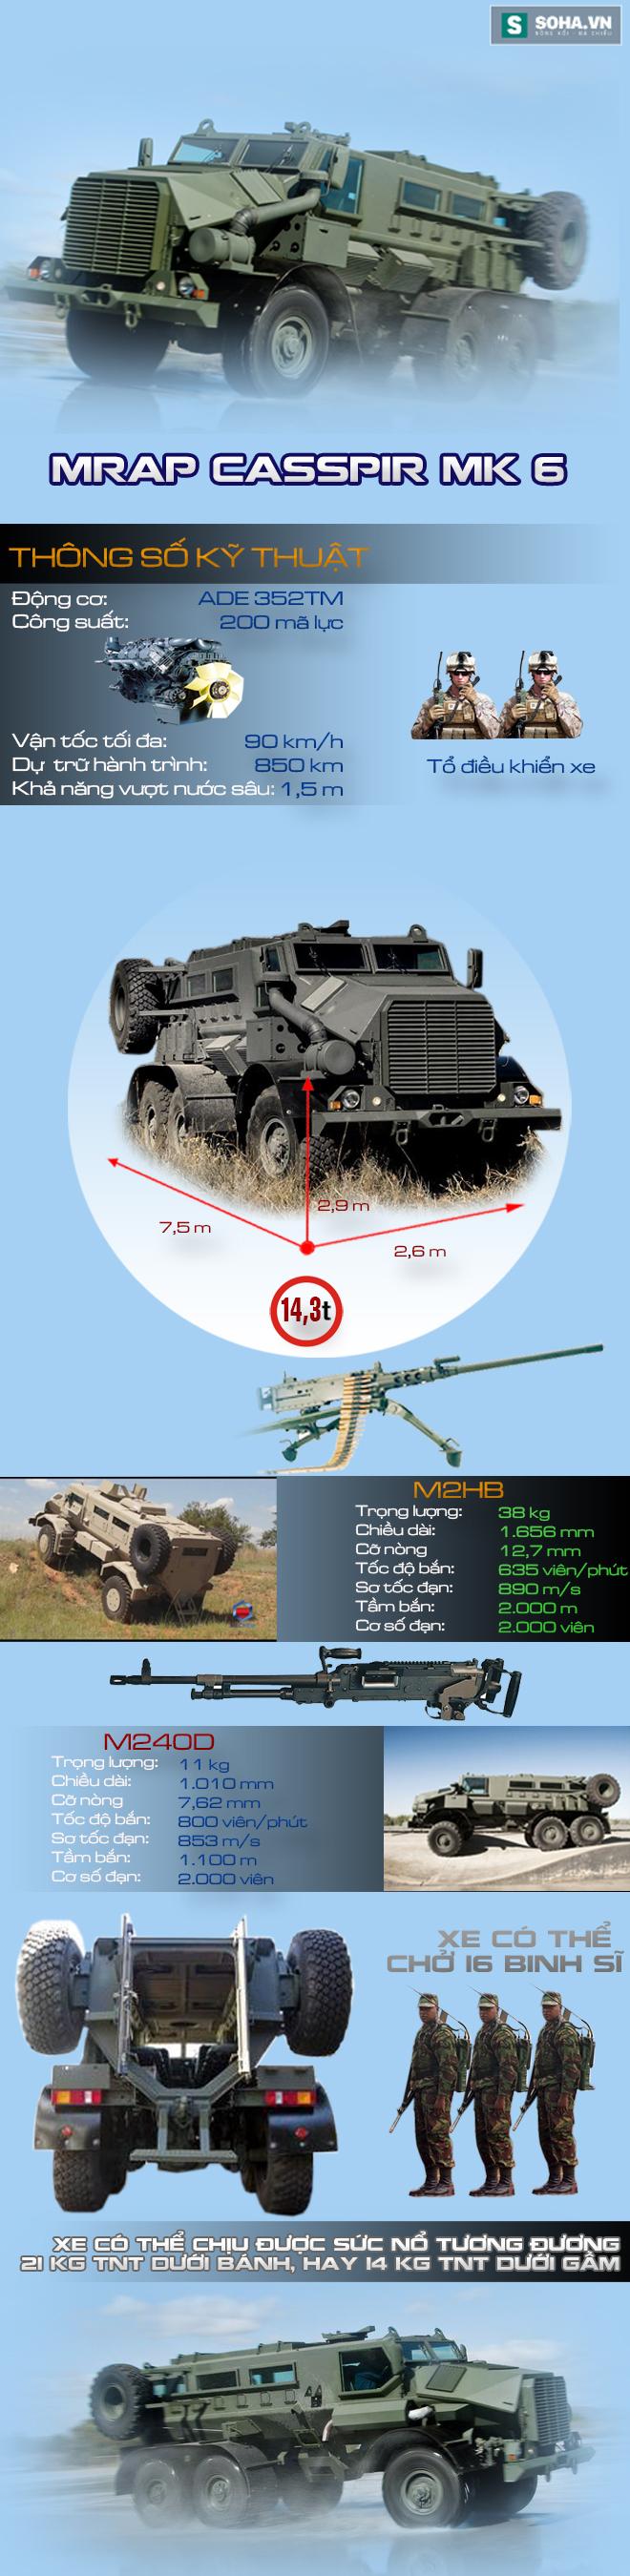 Chiếc xe thiết giáp kháng mìn gây ấn tượng mạnh bởi bề ngoài dữ tợn - Ảnh 1.